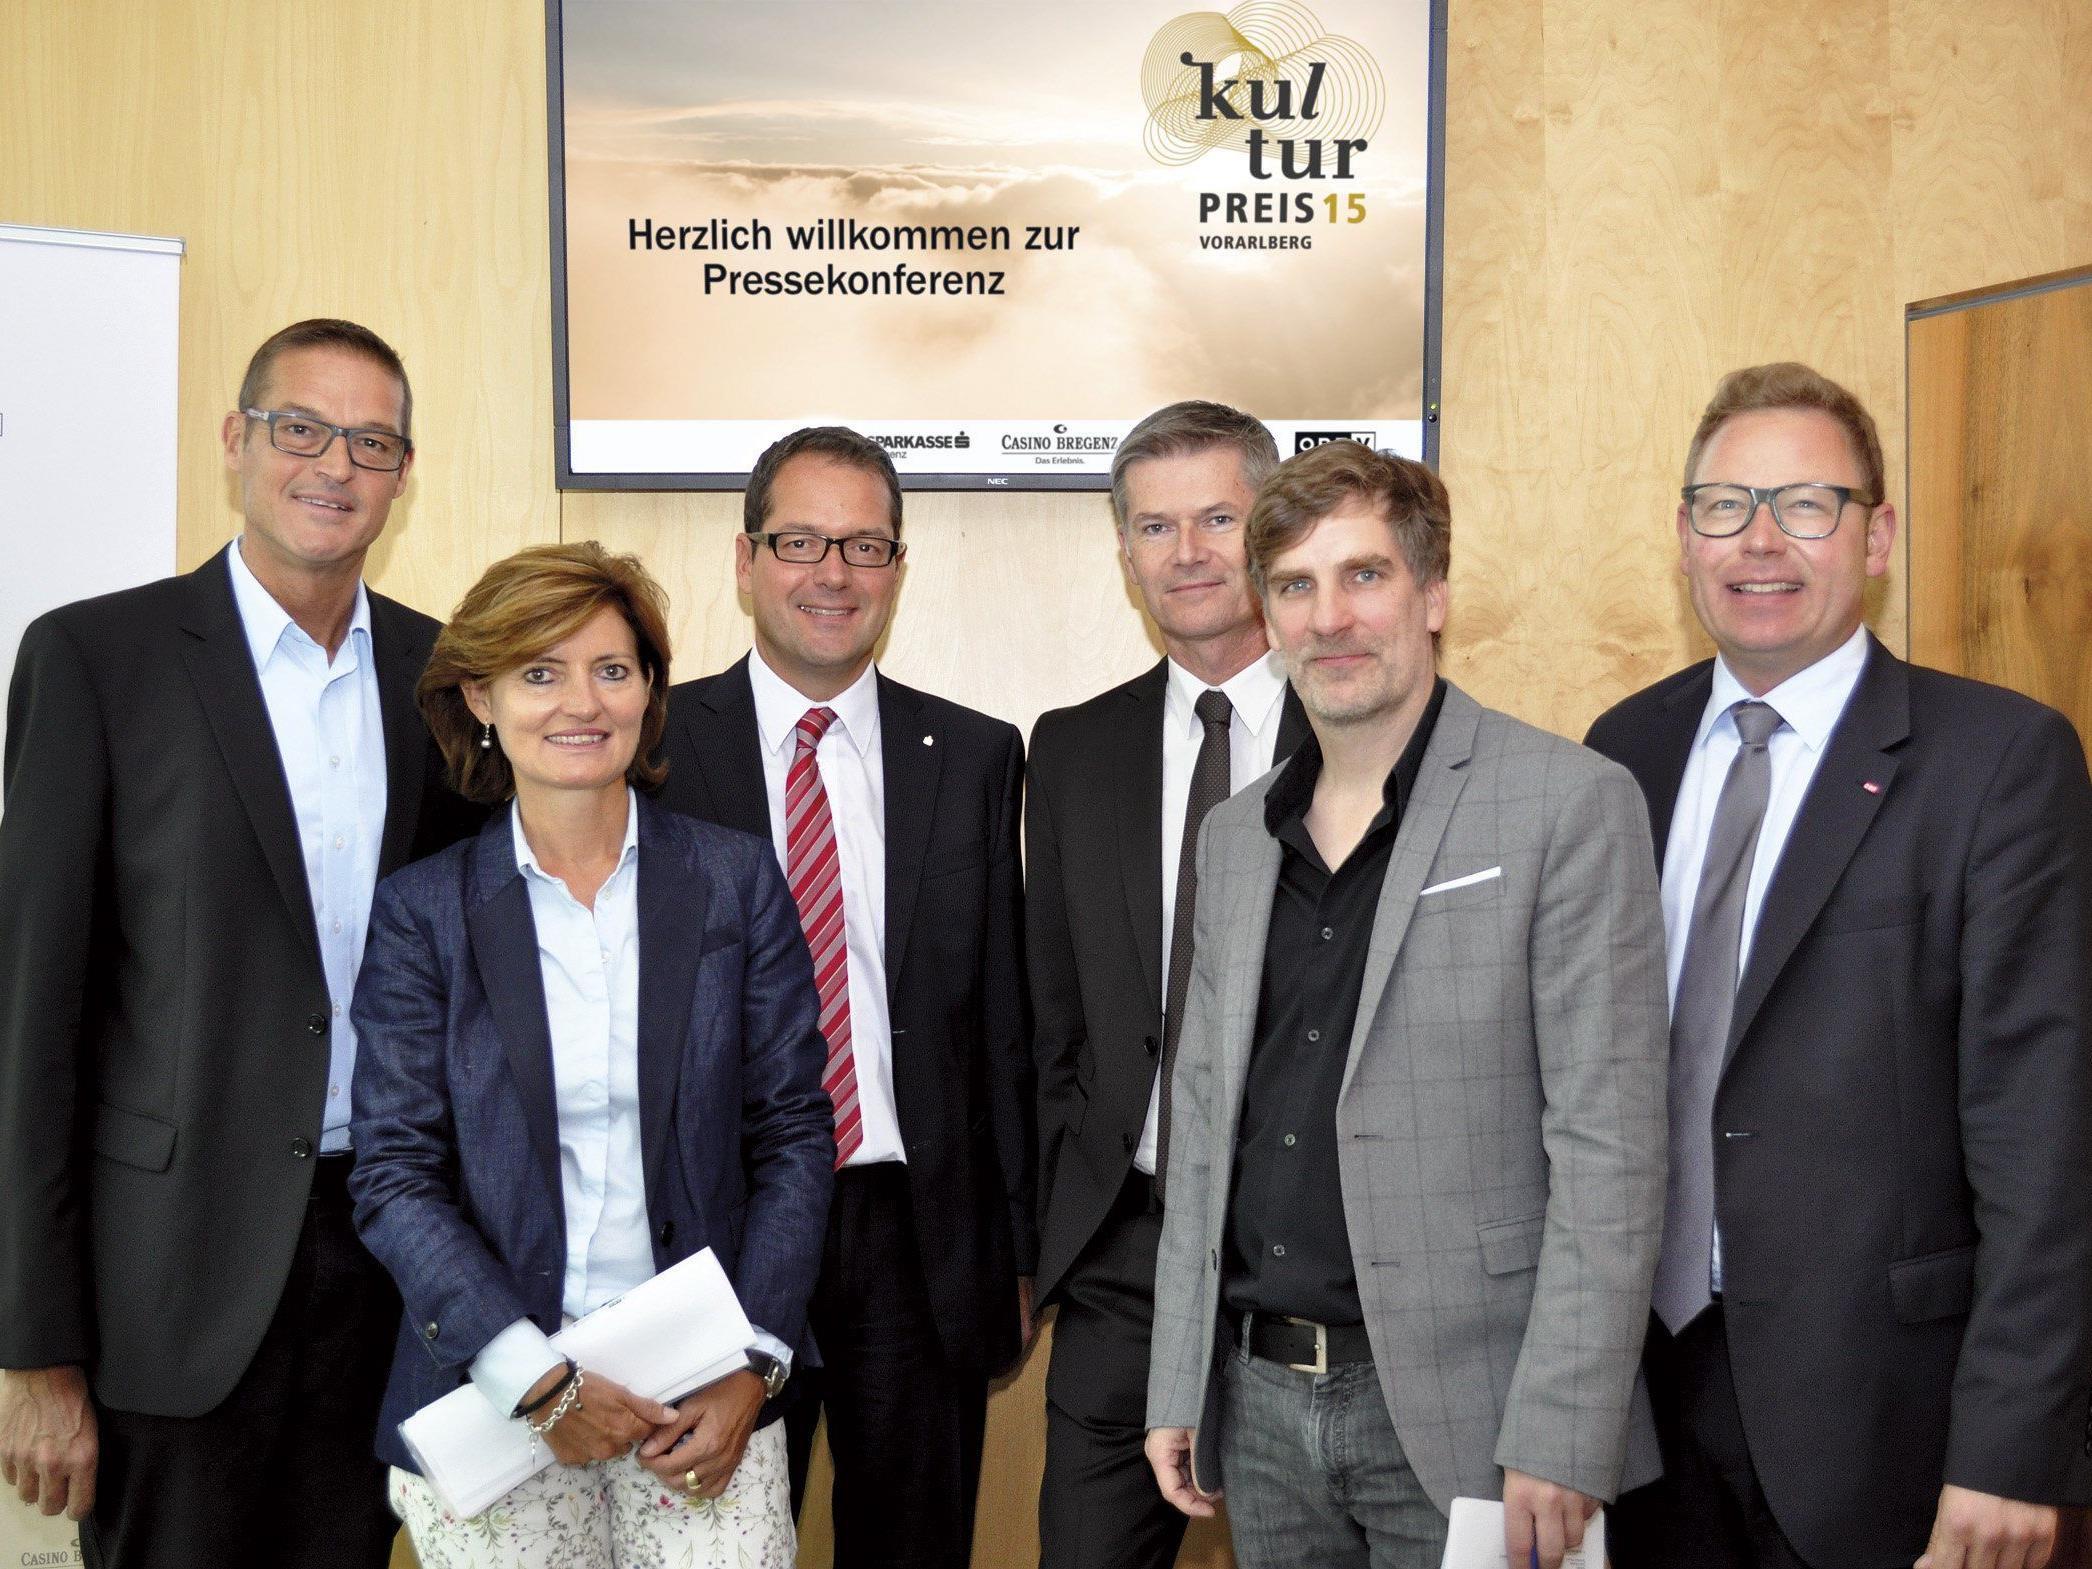 LR Dr. Christian Bernhard, Land Vorarlberg Mag. Jasmin Ölz-Barnay, ORF VDir. Mag. Martin Jäger, Sparkasse Bregenz Dir. Bernhard Moosbrugger, Casino Bregenz Dr. Winfried Nußbaummüller, Land Vorarlberg Dir. Markus Klement, ORF.